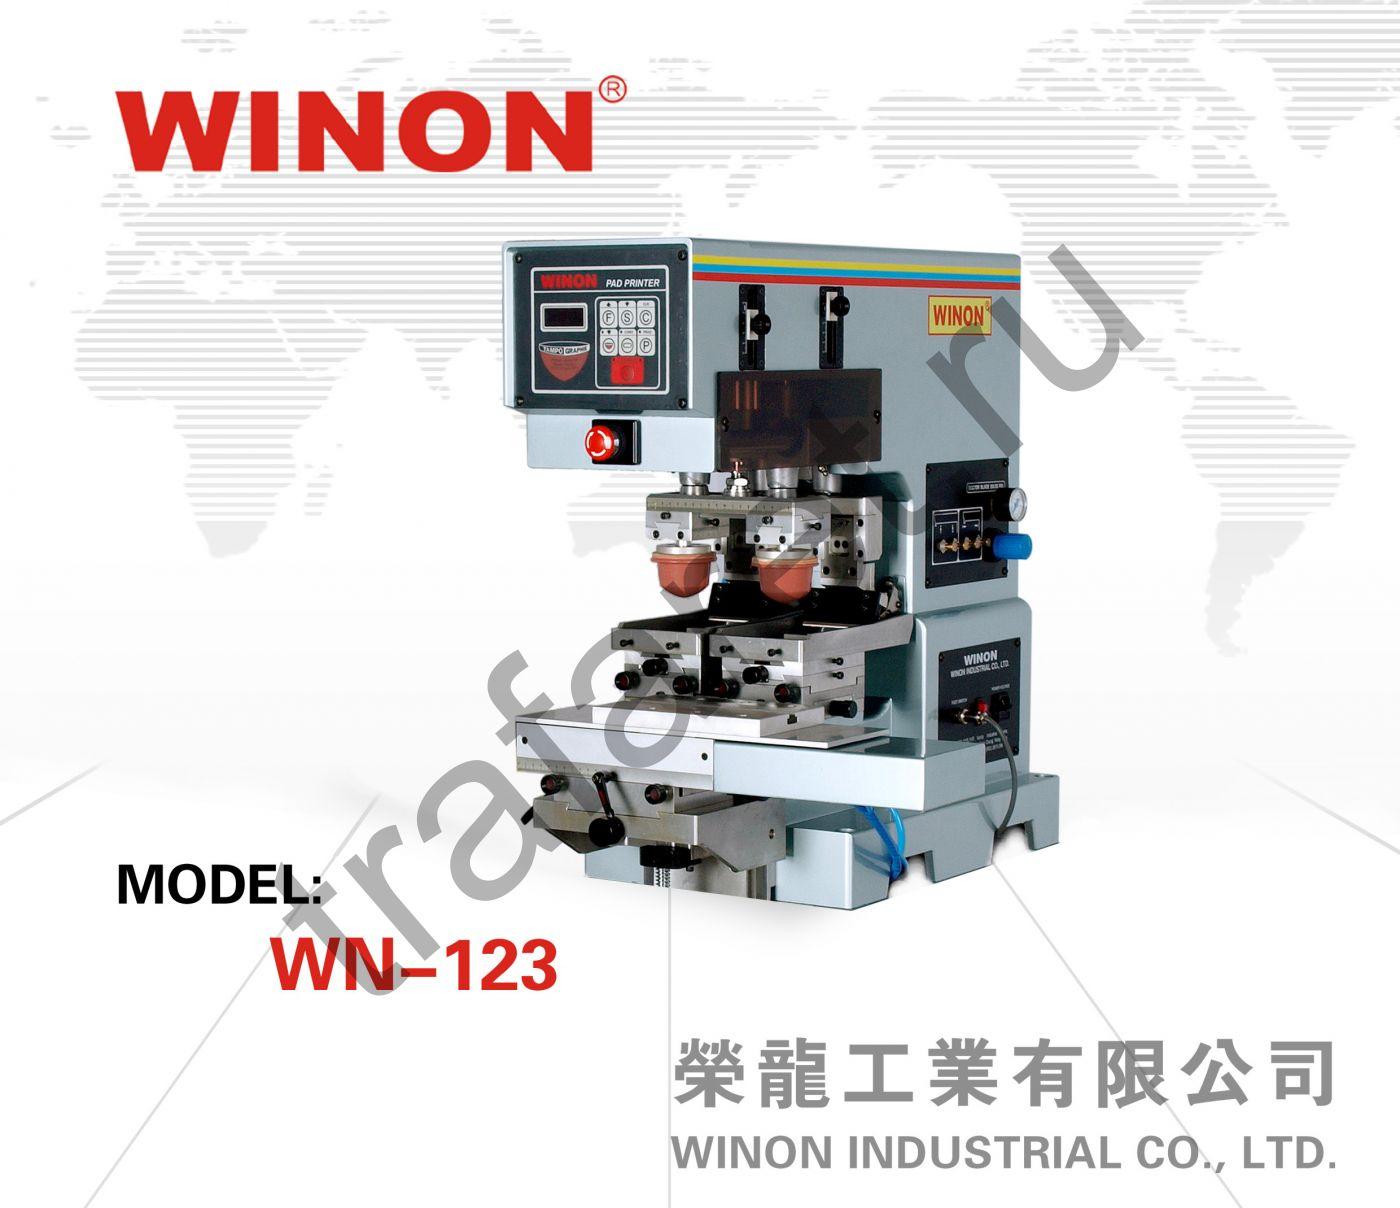 Тампостанок WN-123 (2 цвета, 100 х 100 мм)